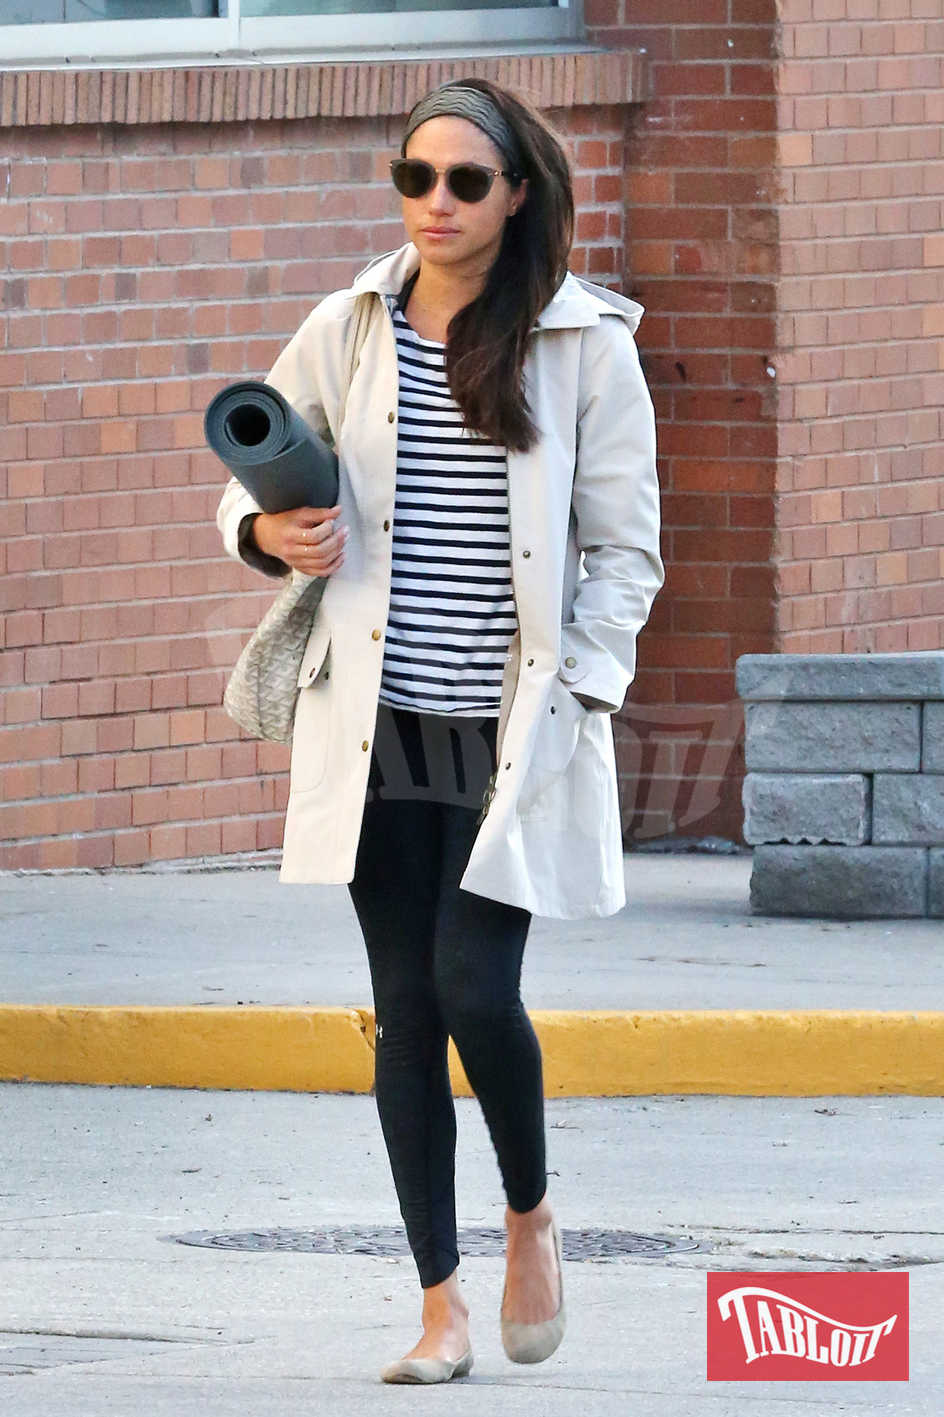 """Meghan paparazzata per le vie di Toronto, Canada, lo scorso aprile. Sottobraccio l'immancabile tappetino per fare yoga. La fidanzata di Harry ha annunciato la sua intenzione di lasciare la serie tv """"Suits"""" (e probabilmente la carriera di attrice)"""